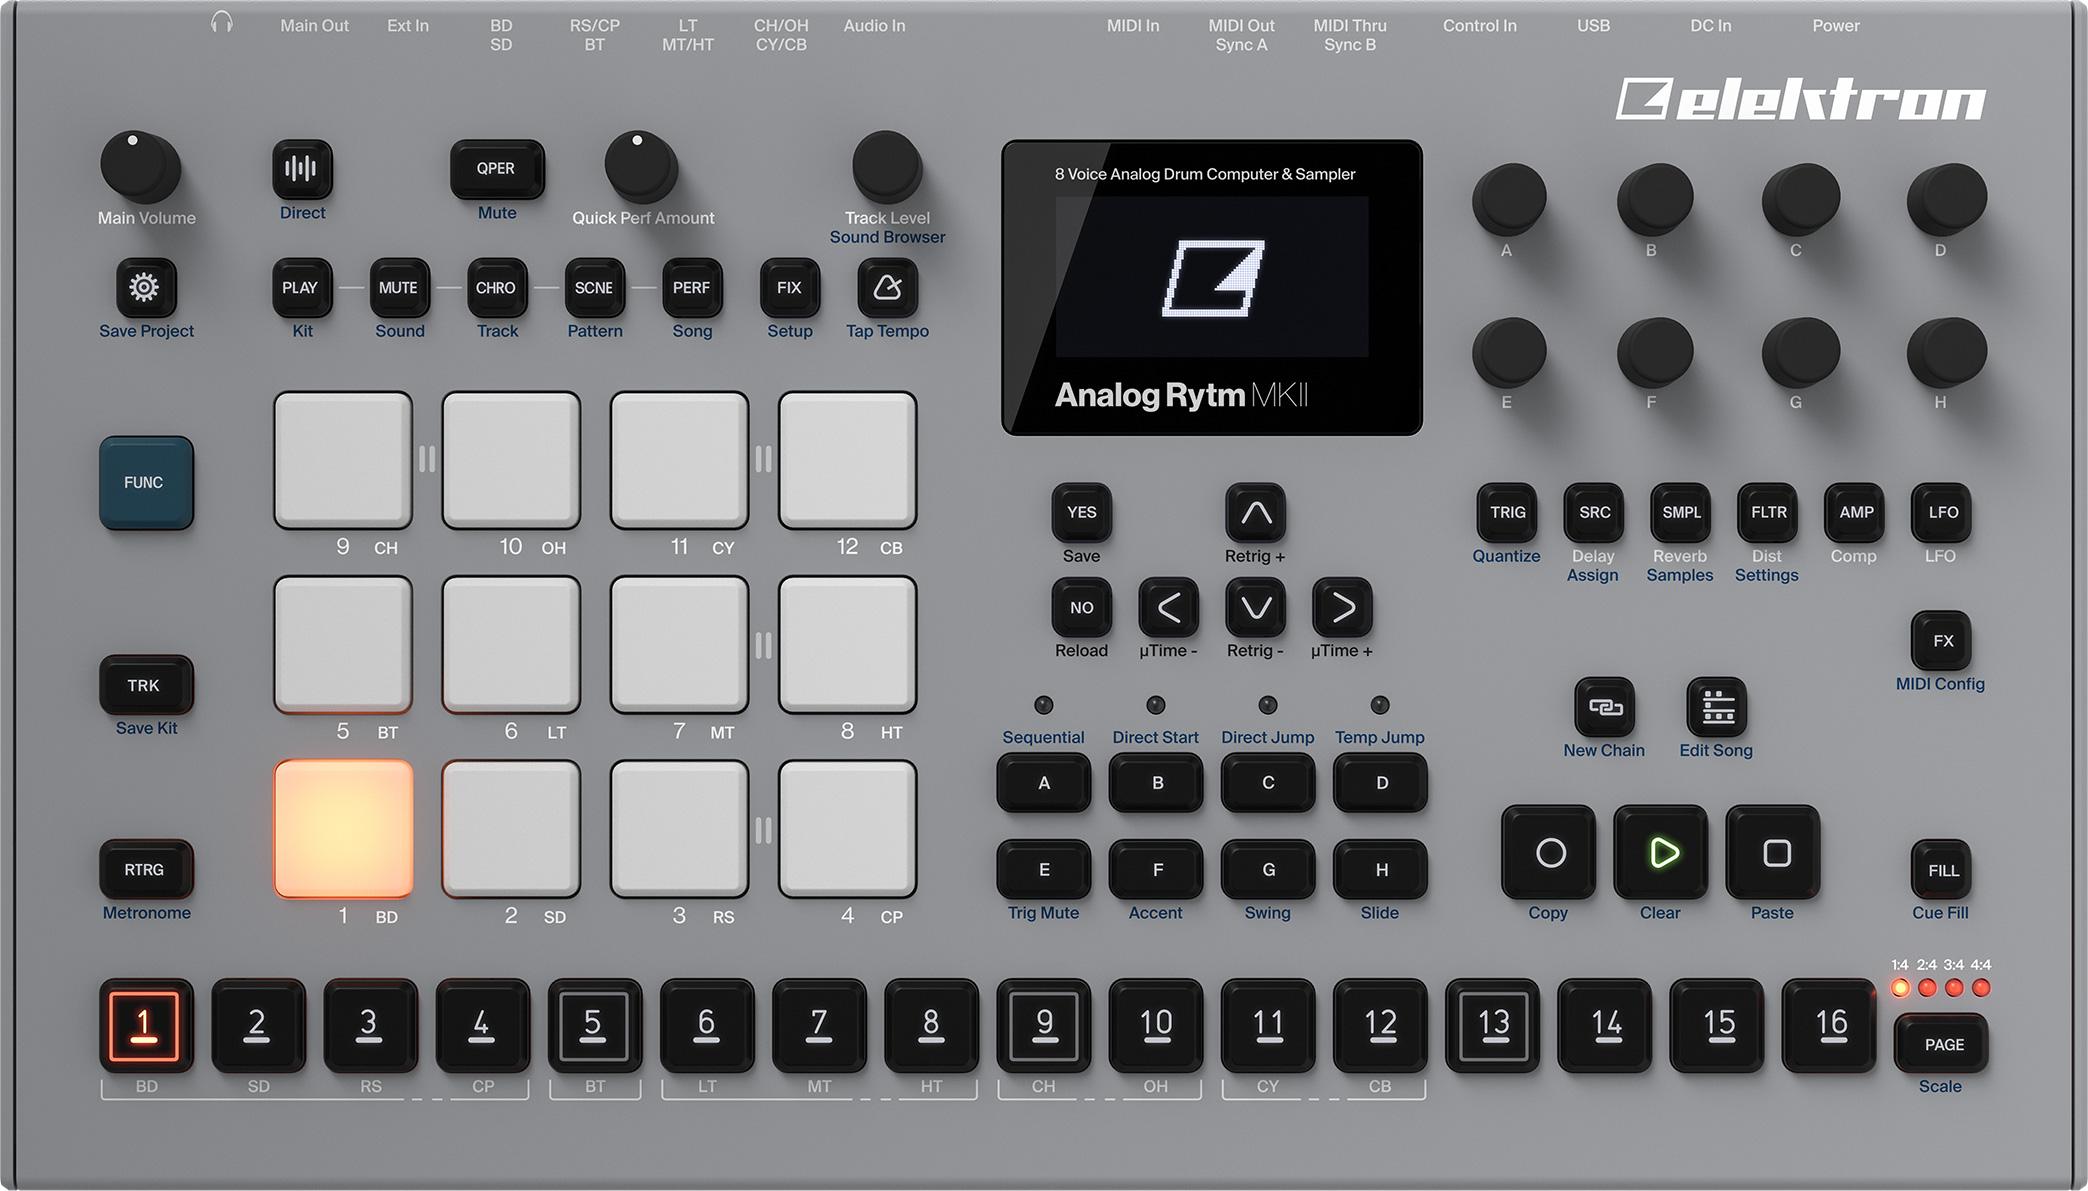 Elektron Analogique Rytm Mkii 8-voice Drum Computer & Sampler-afficher Le Titre D'origine Forfaits à La Mode Et Attrayants